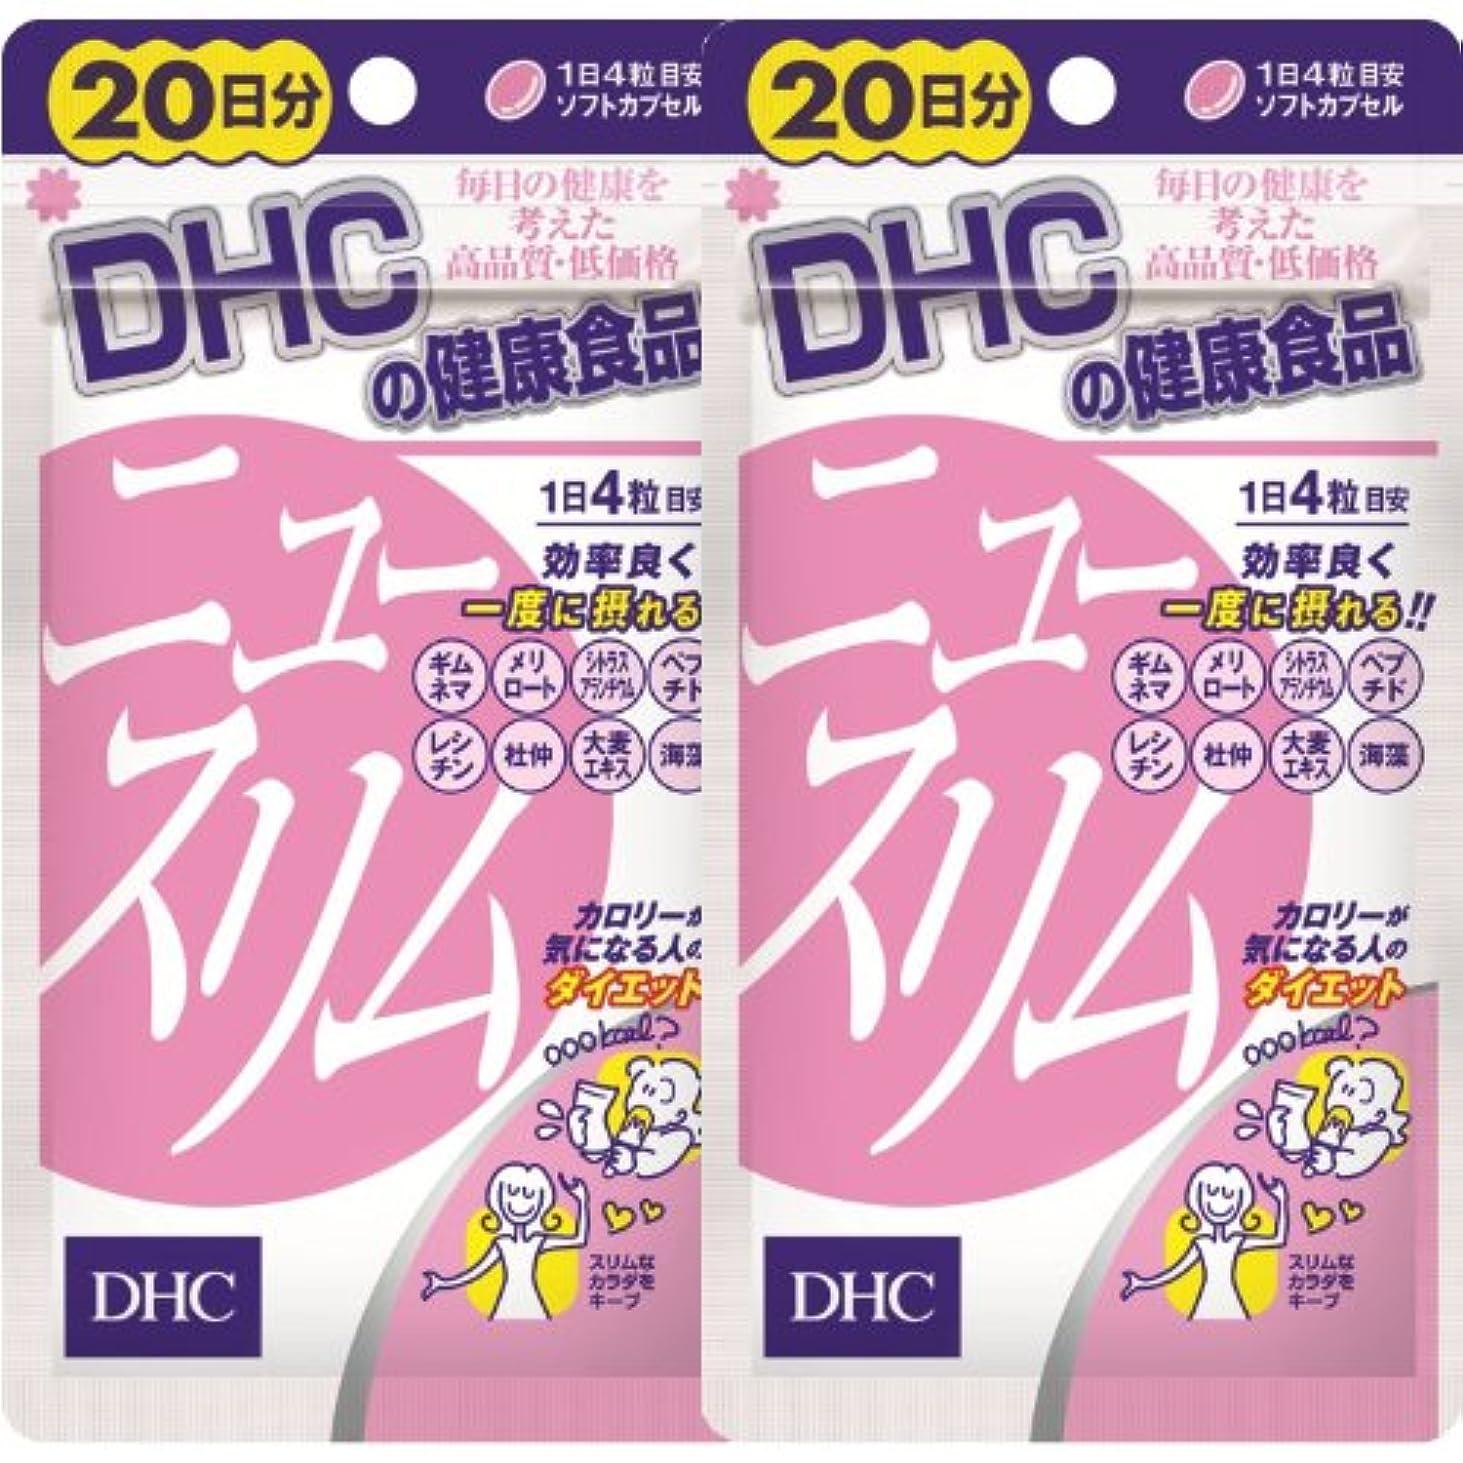 再生可能ラウンジ添加剤DHCニュースリム 20日分(新) 80粒【2個セット】